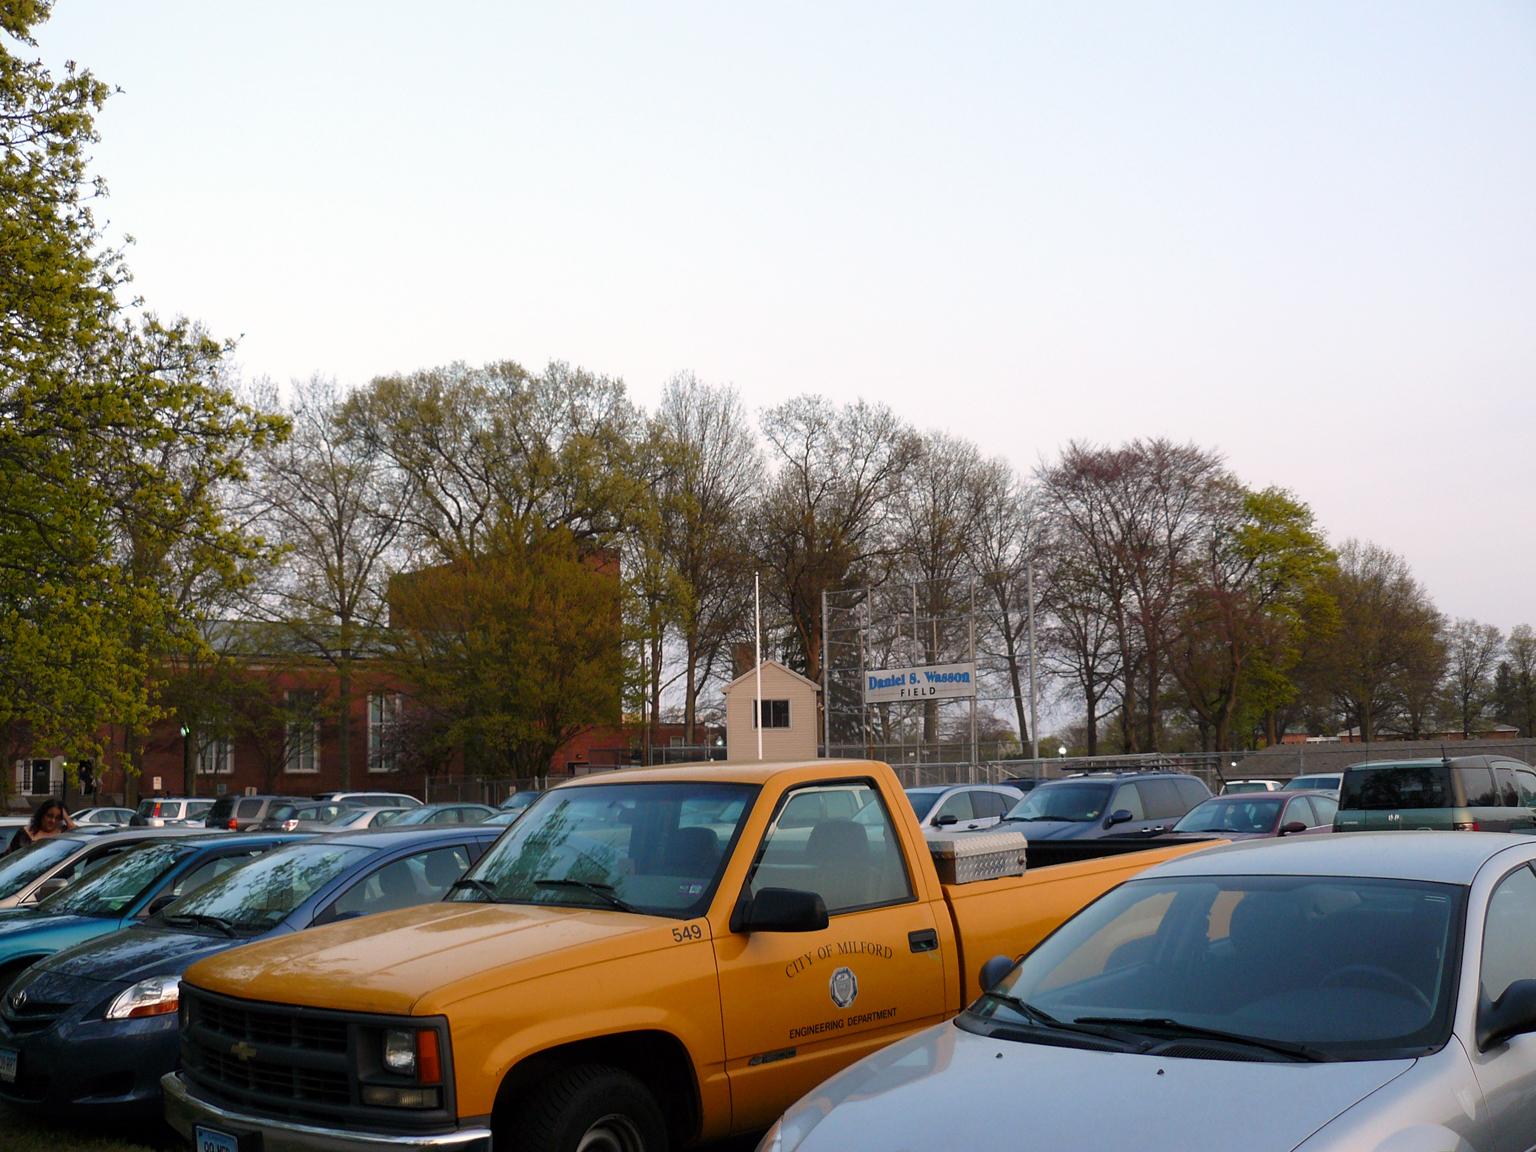 Auditorium parking lot